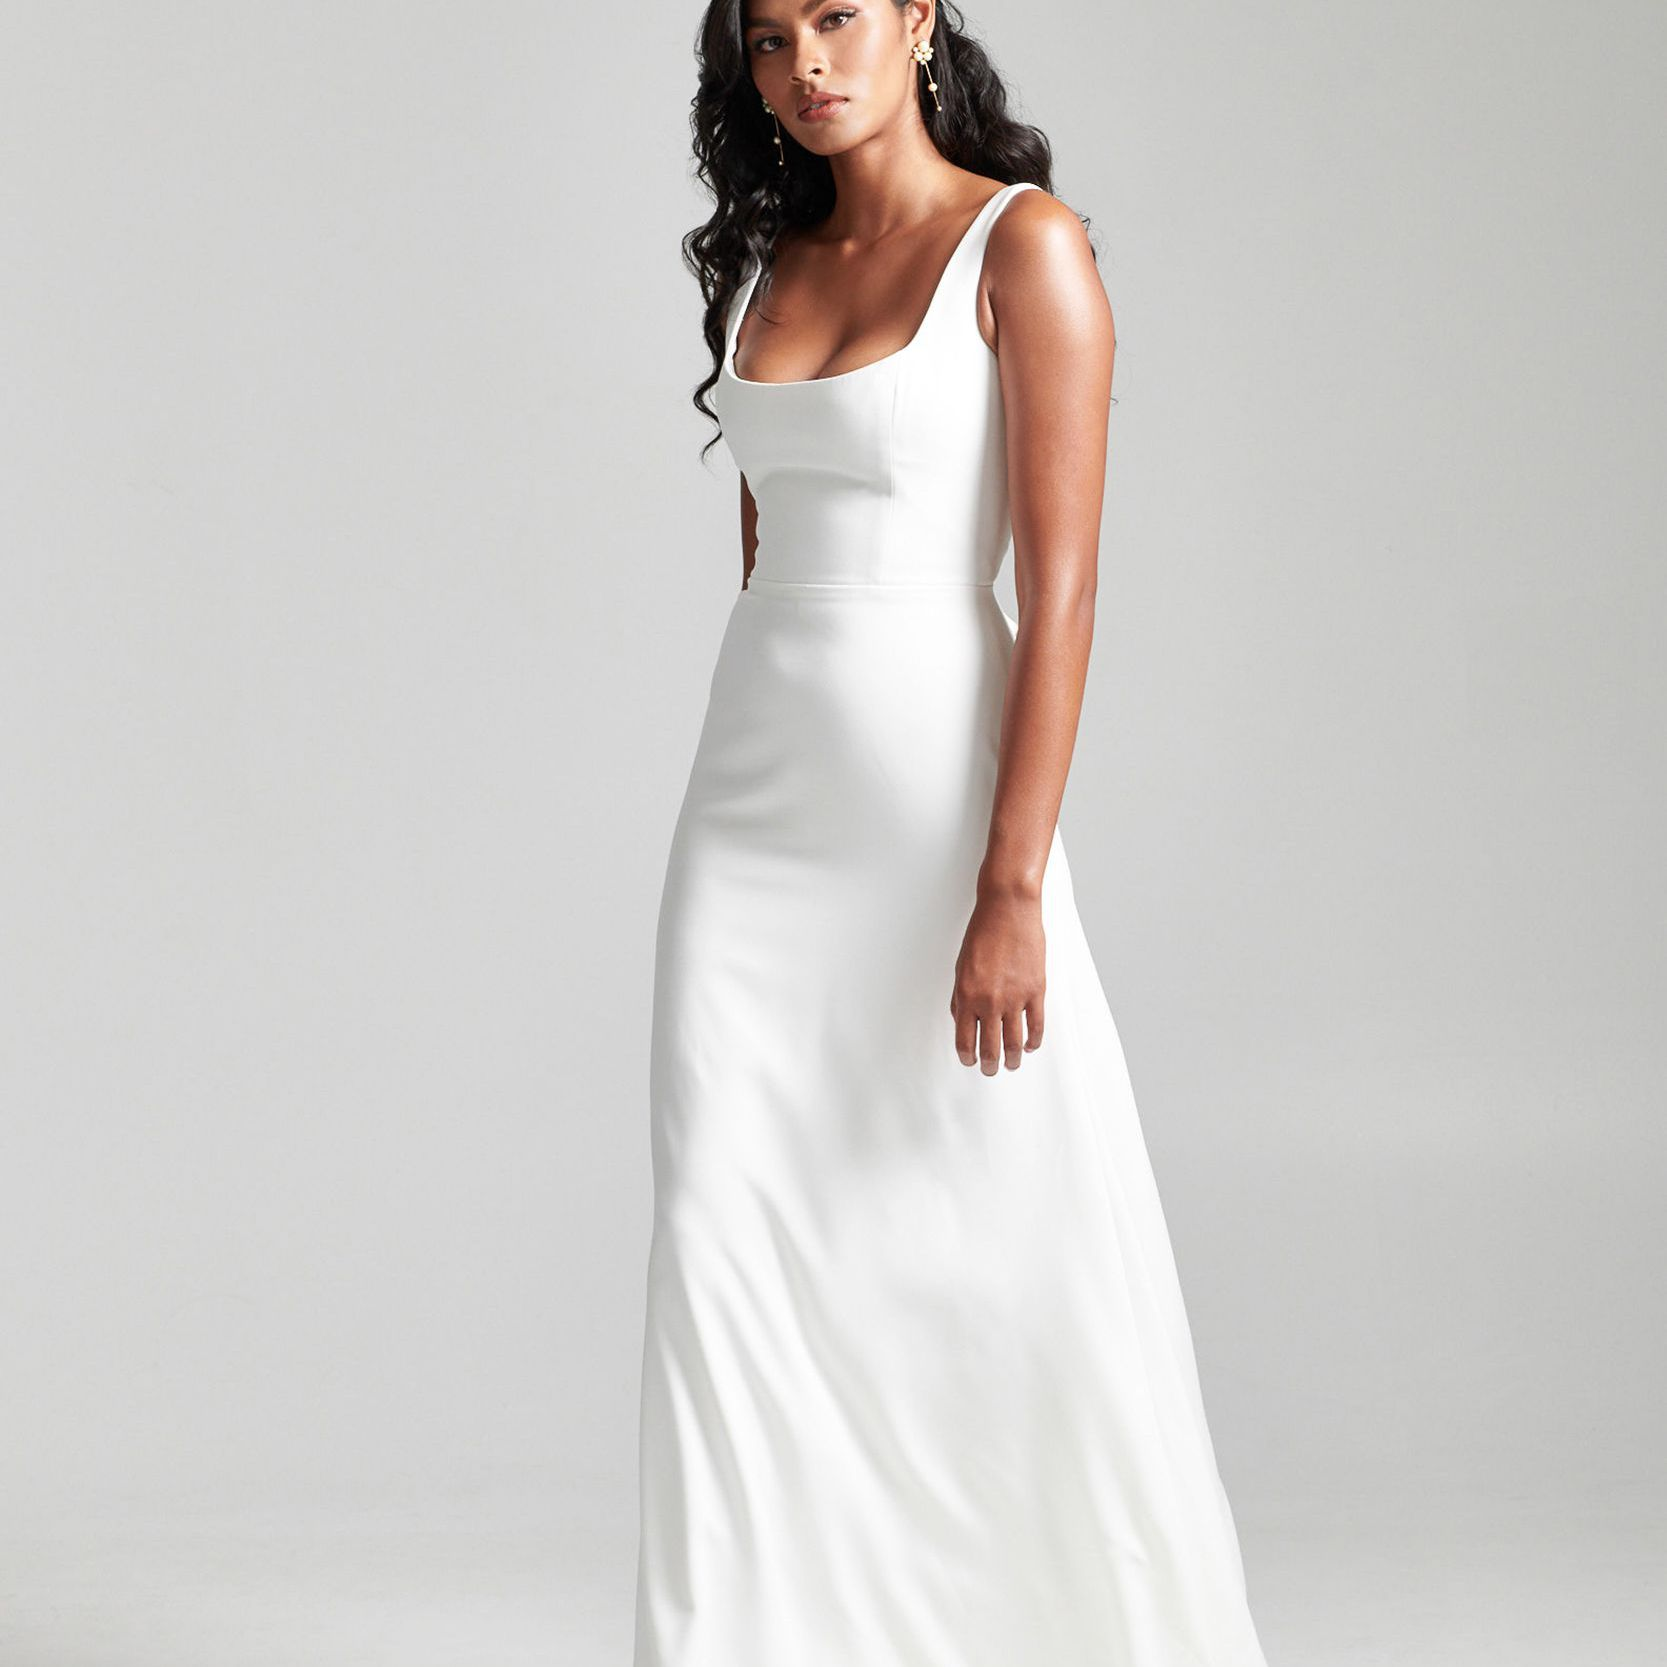 Model in column wedding dress with scoop neck